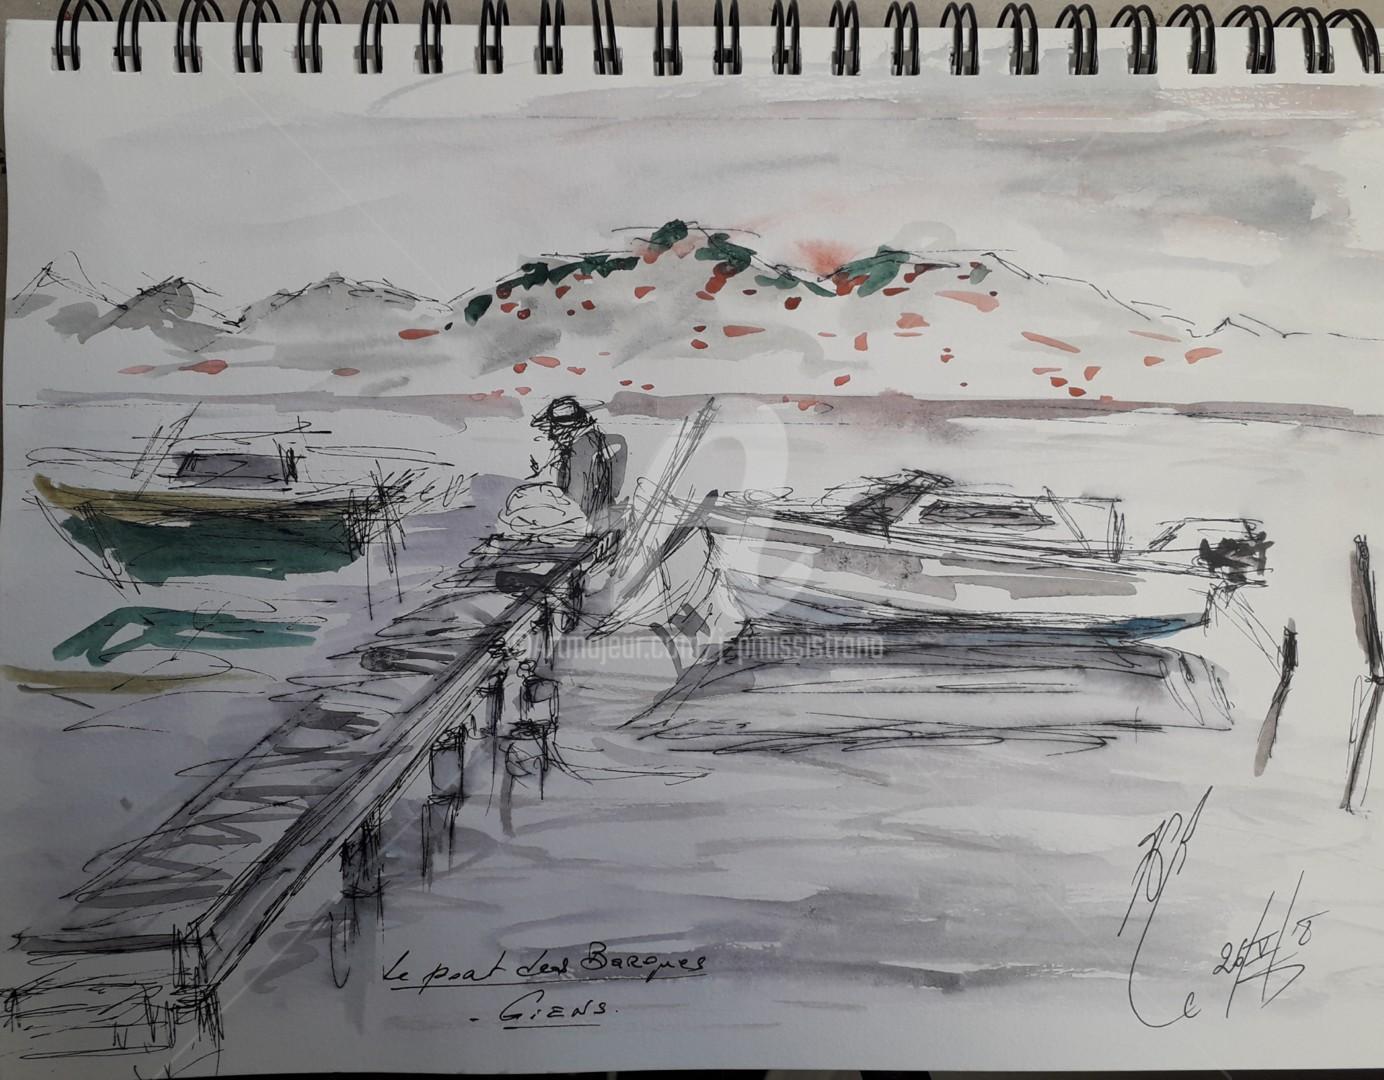 Jean-Pierre Missistrano - Le port des Barques, à Giens.